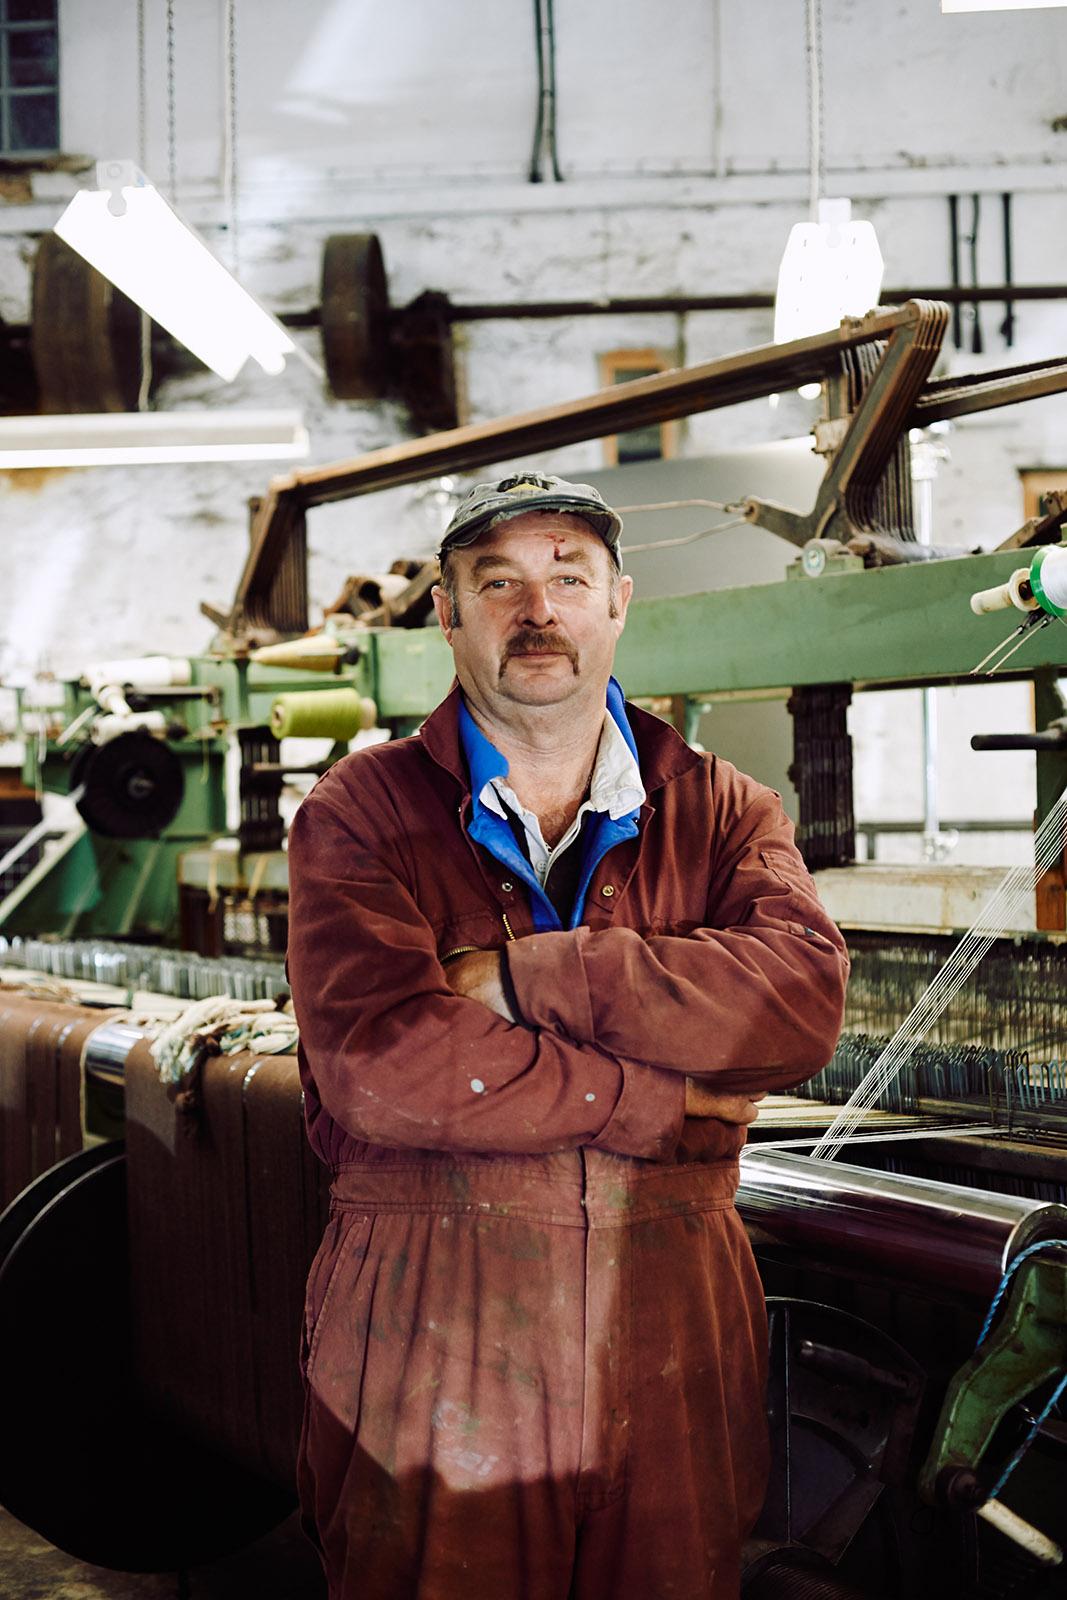 140512-MT-Portrait-009-web-1600-px.jpg